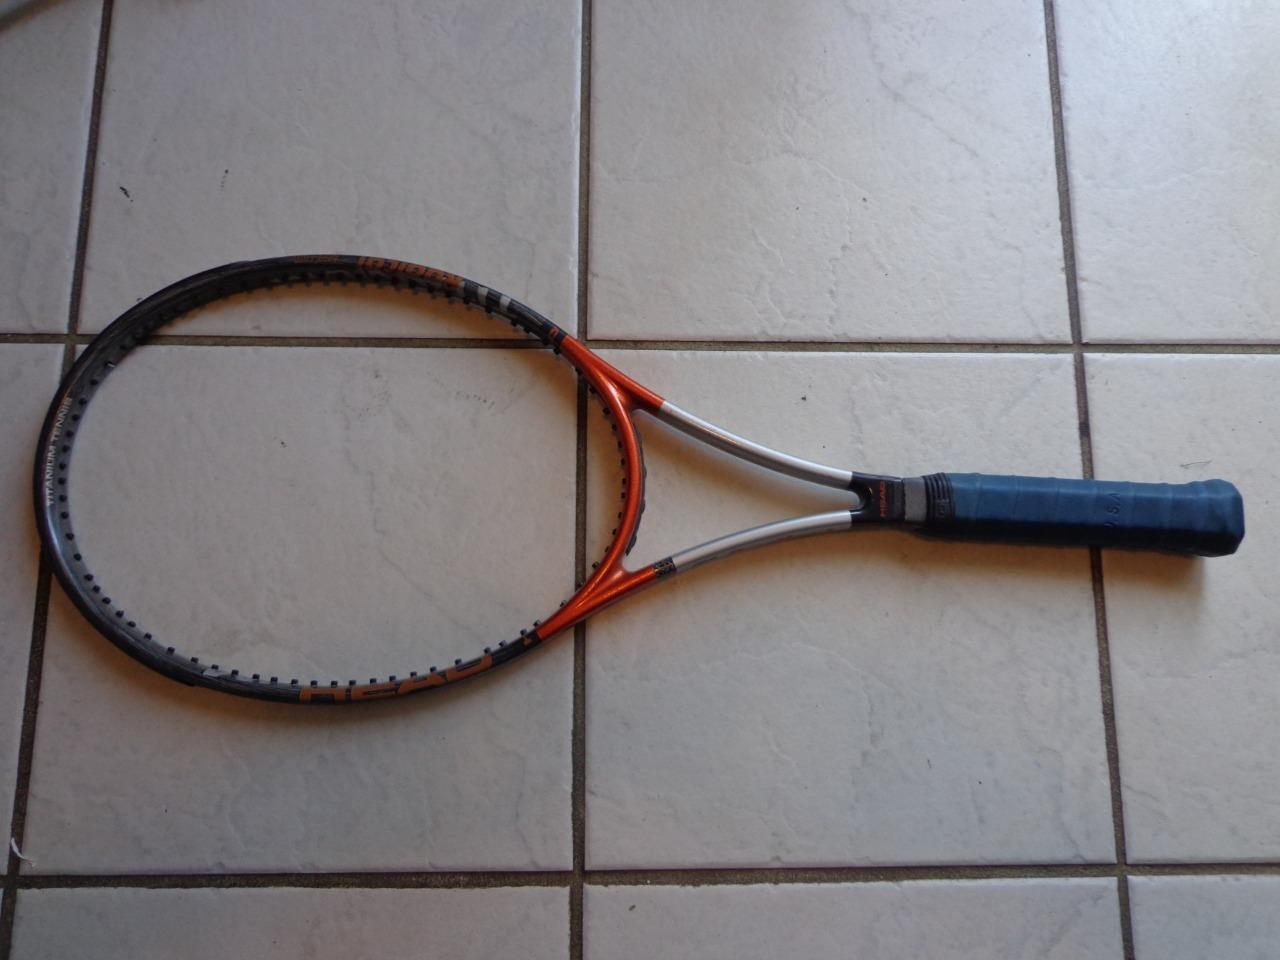 Cabeza Ti. radical Midplus 98 cabeza Austria 4 3  8 de agarre excelente tenis raqueta  centro comercial de moda